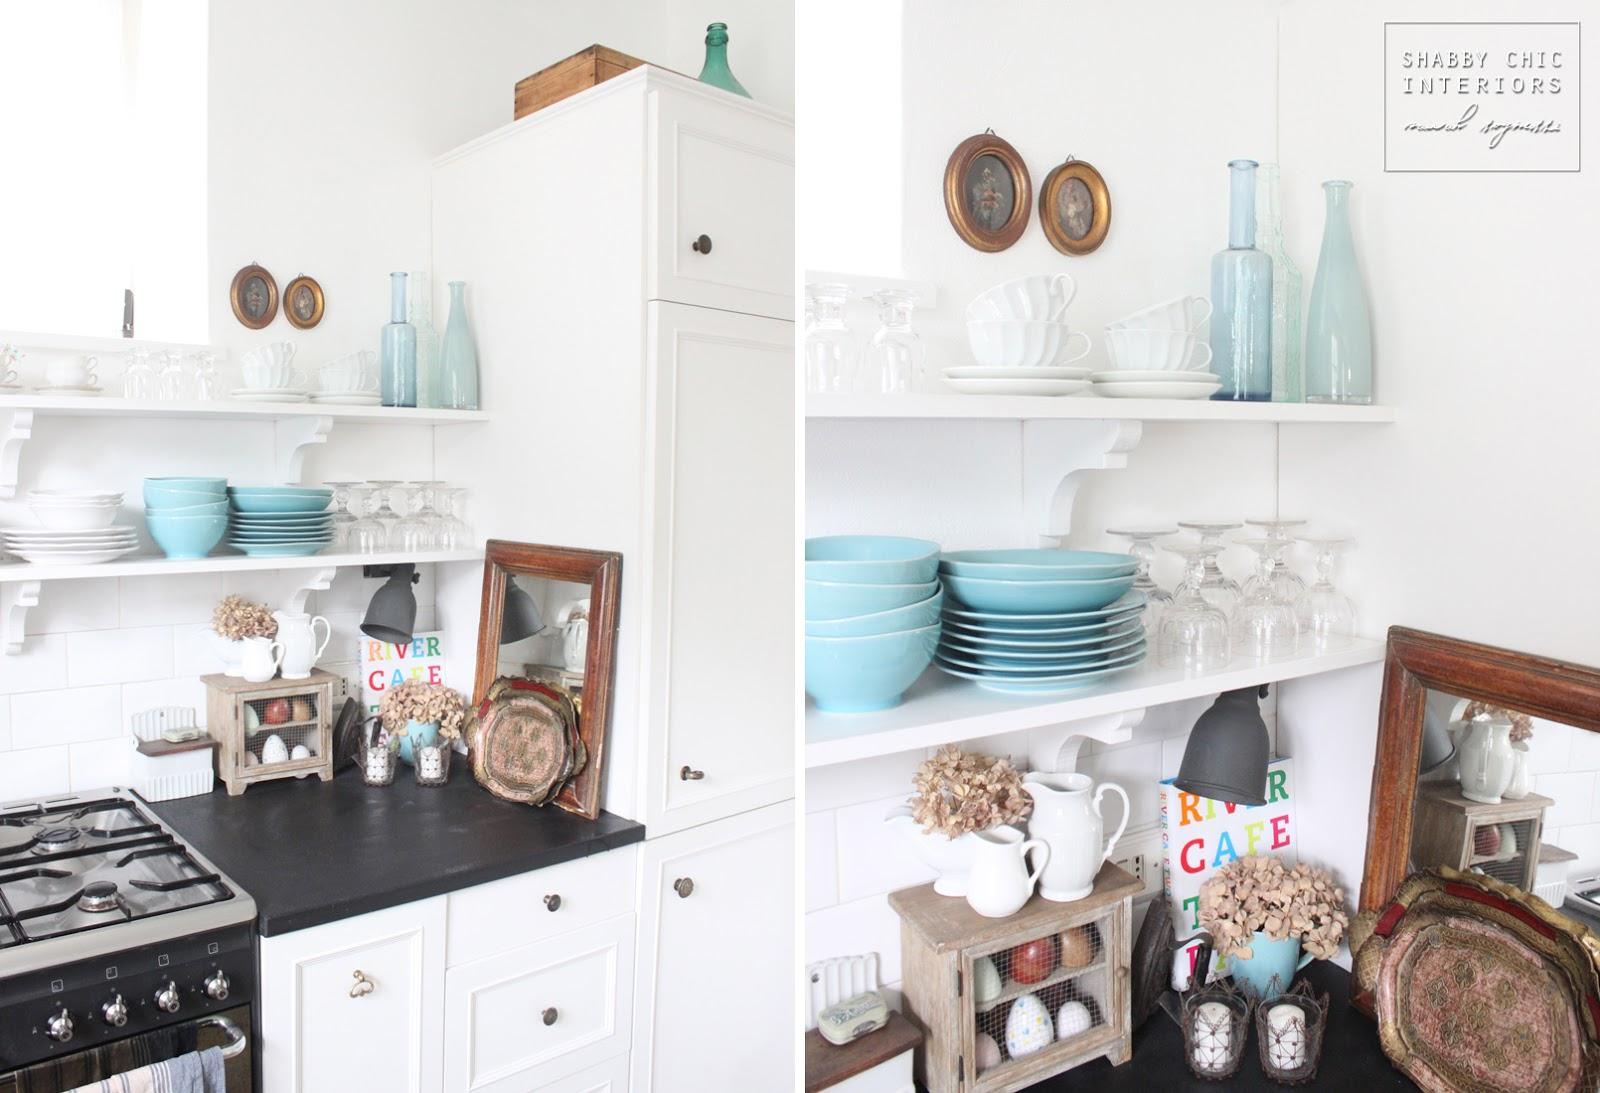 Accessori Cucina Shabby Chic - Idee Per La Casa - Syafir.com